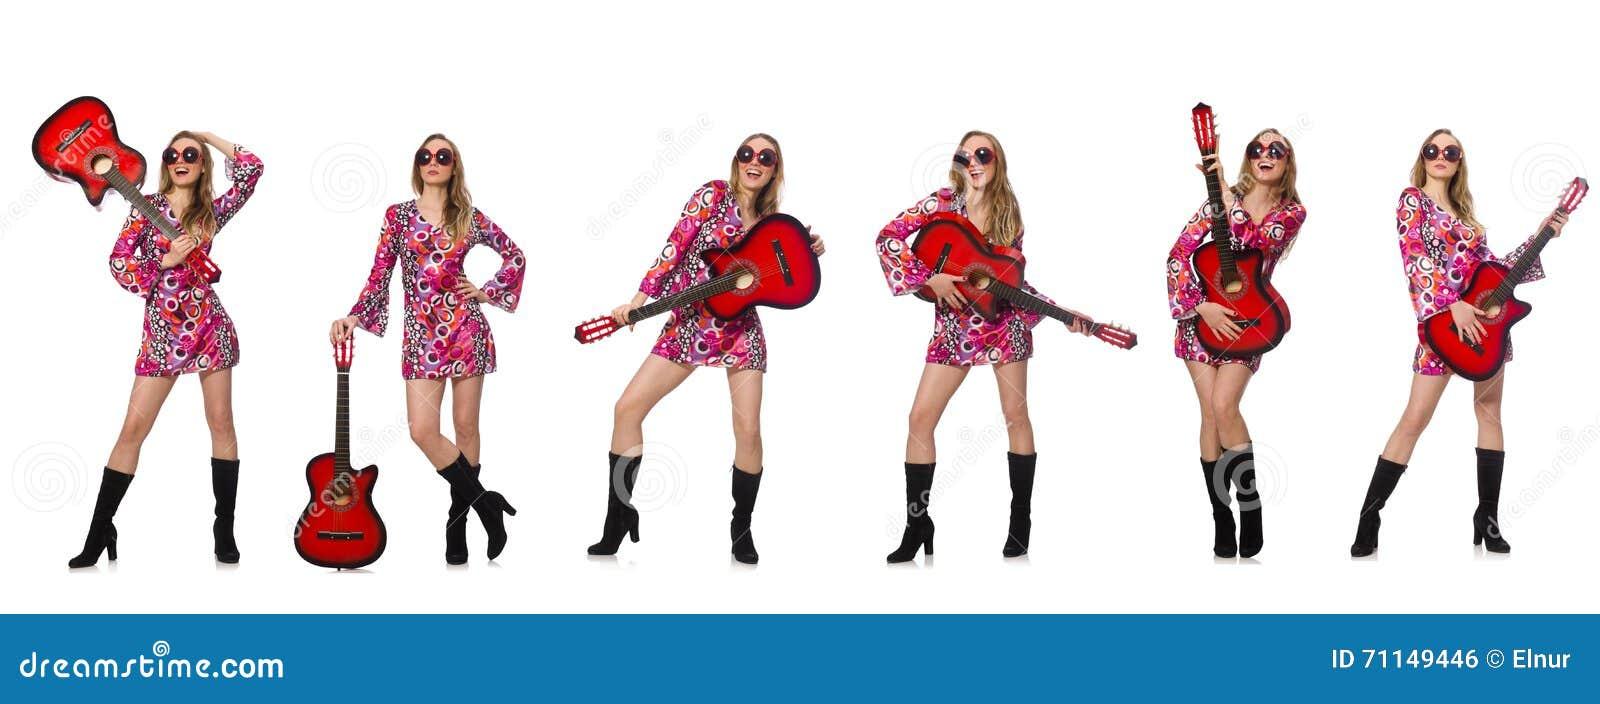 妇女吉他演奏员